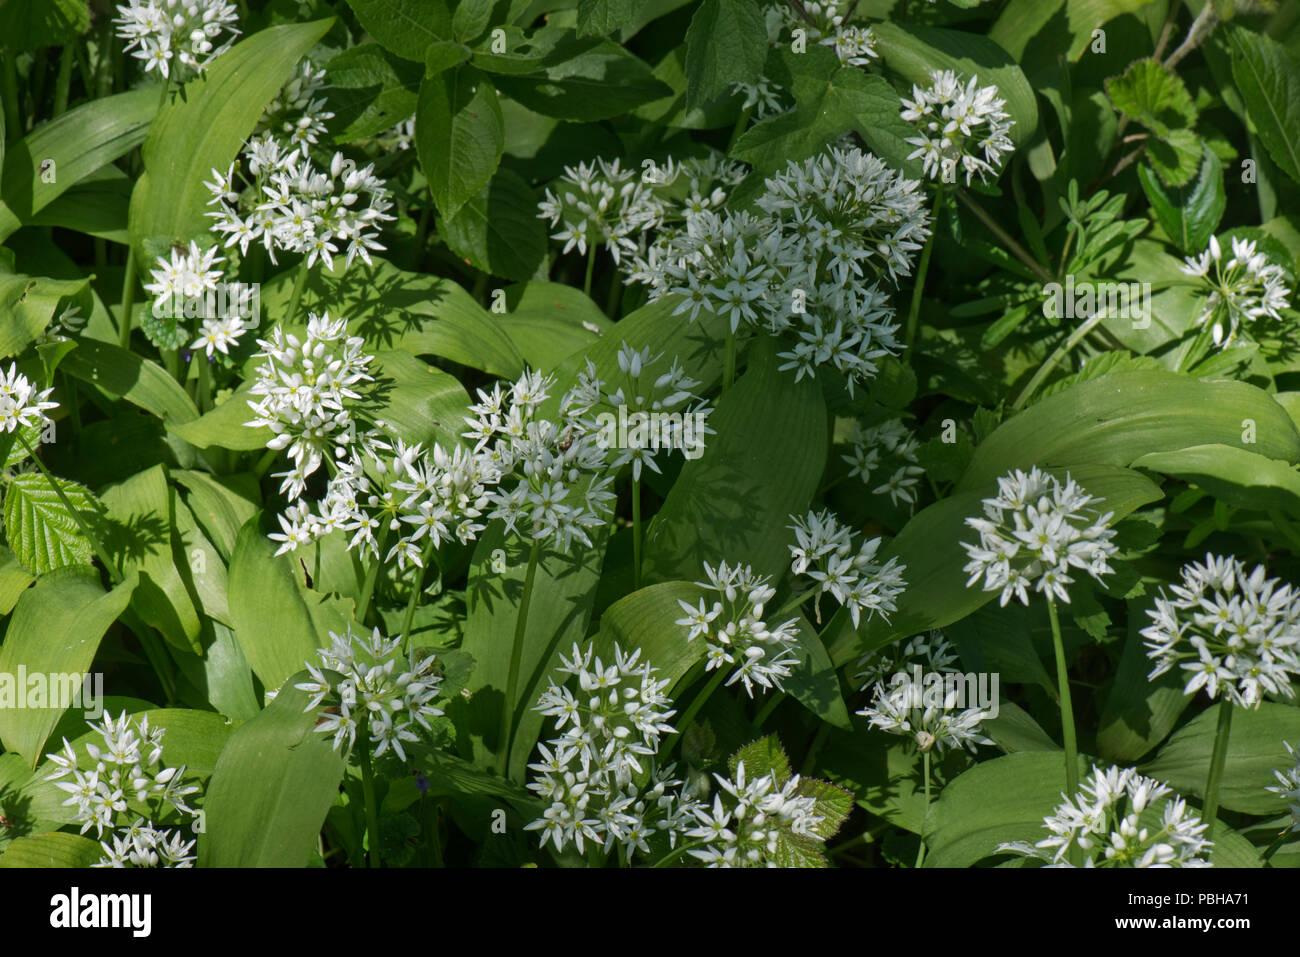 Fiori Bianchi Bosco.Aglio Selvatico O Ramsons Allium Ursinum Fiori Bianchi Nel Bosco